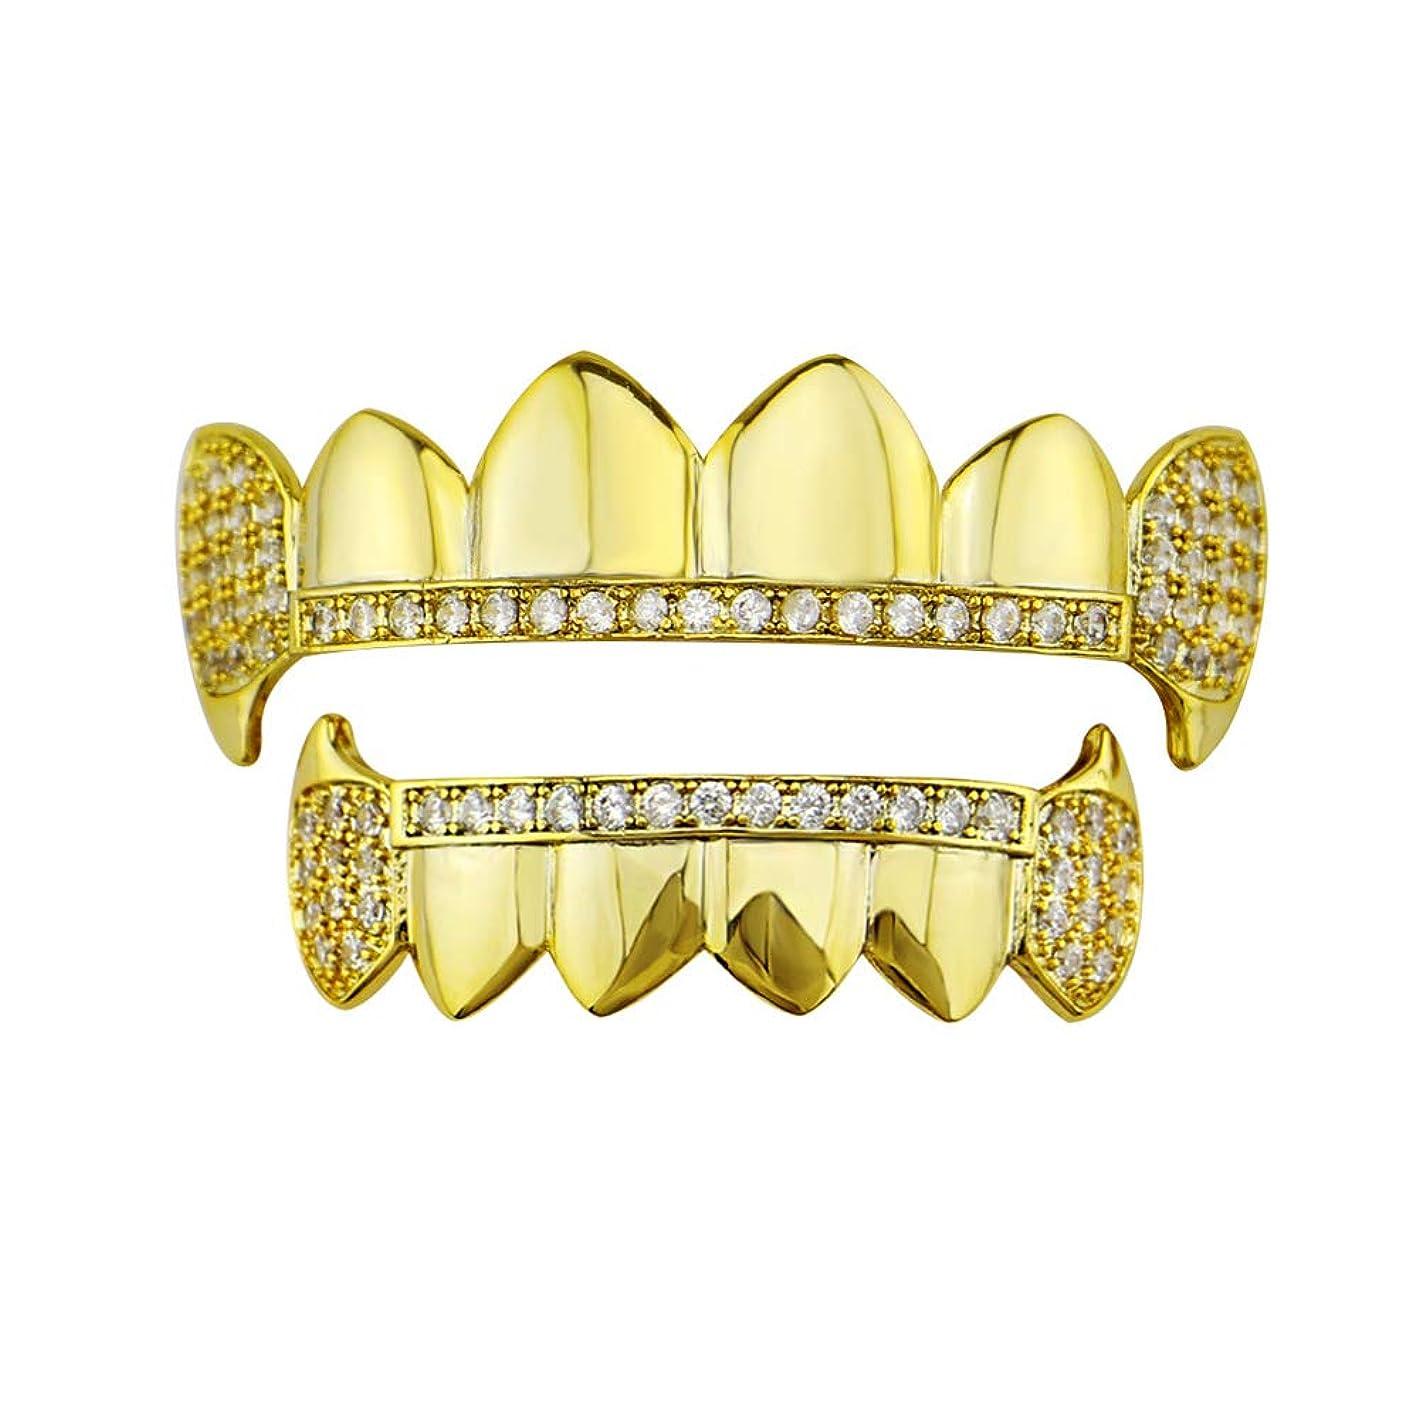 クレデンシャル酸度気味の悪いYHDD 歯セット - メッキゴールドクルーズダイヤモンドGrillz - 歯のすべてのタイプのための優れたカット - 上下のグリルセット - ヒップホップブリンブリンGrillz (色 : ゴールド)